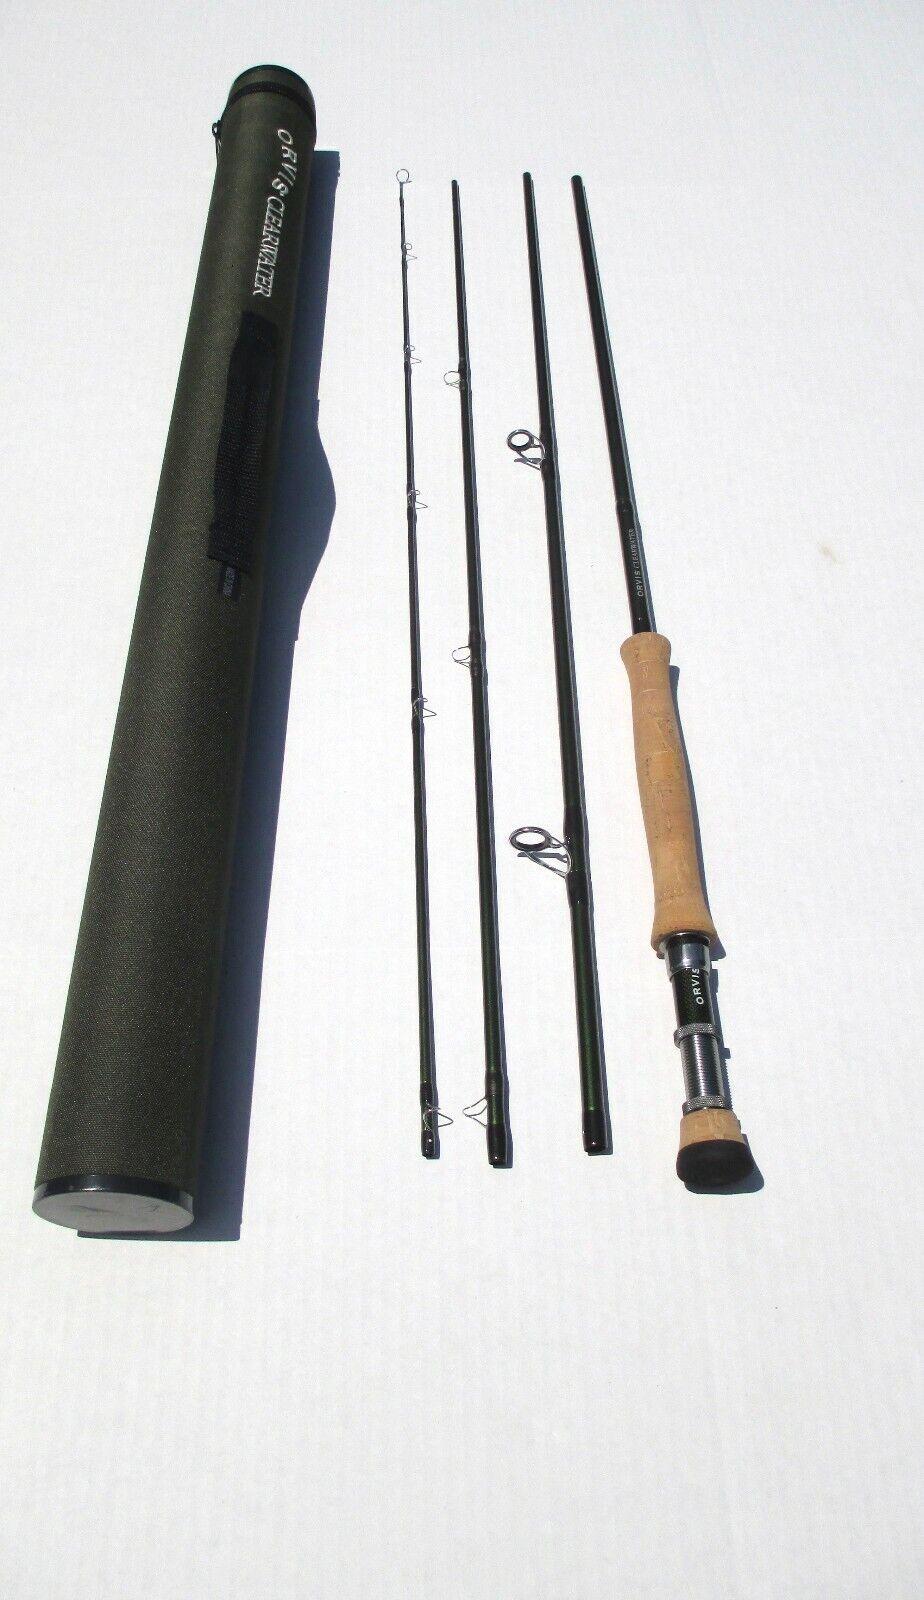 Orvis Clearwater 909-4 9' Fliegen Fishing Rod 4 PC 9 WT in Tube Nice